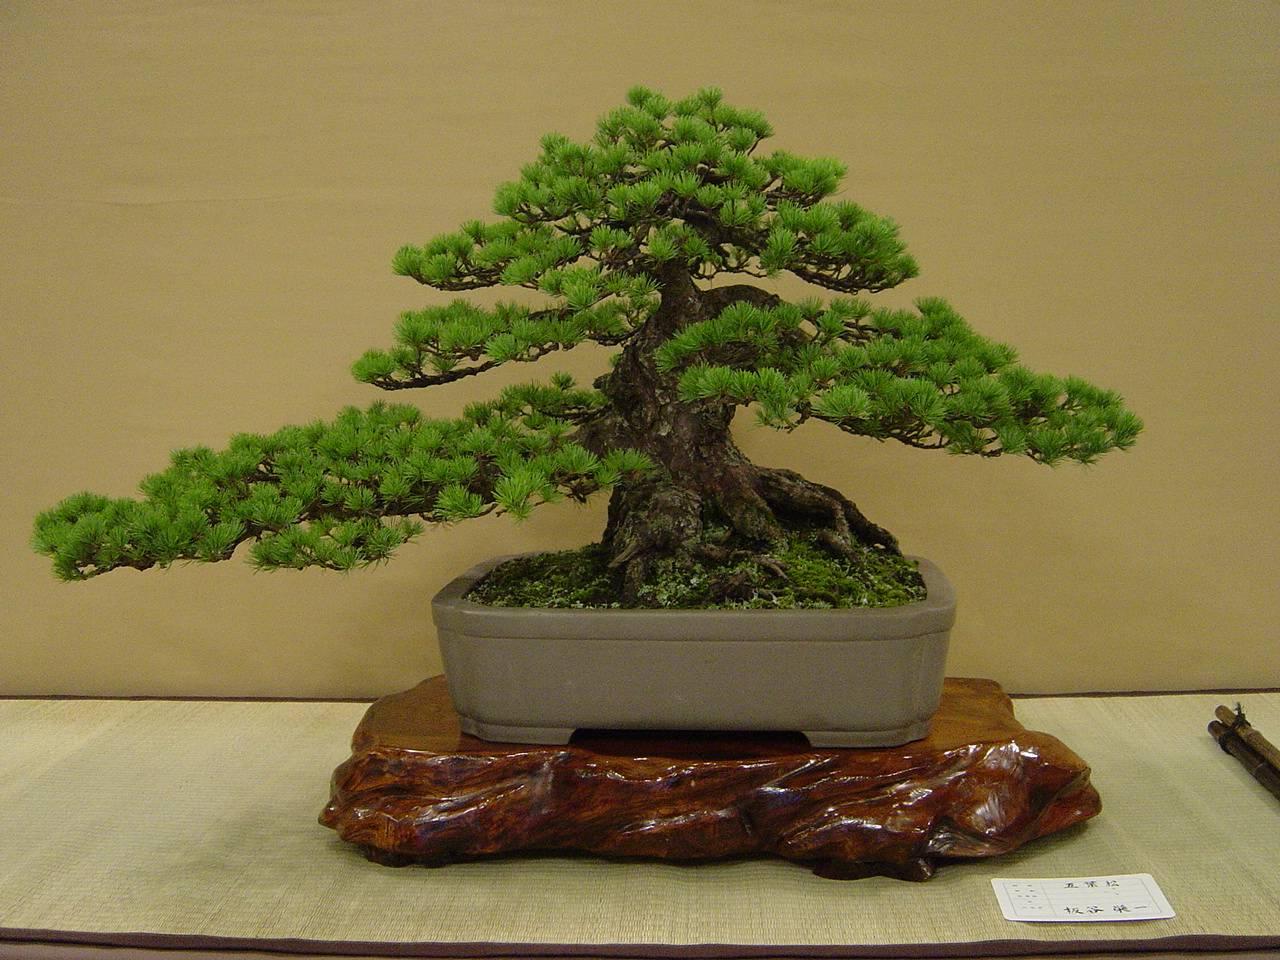 arti tradizionali giapponesi la coltivazione dei bonsai